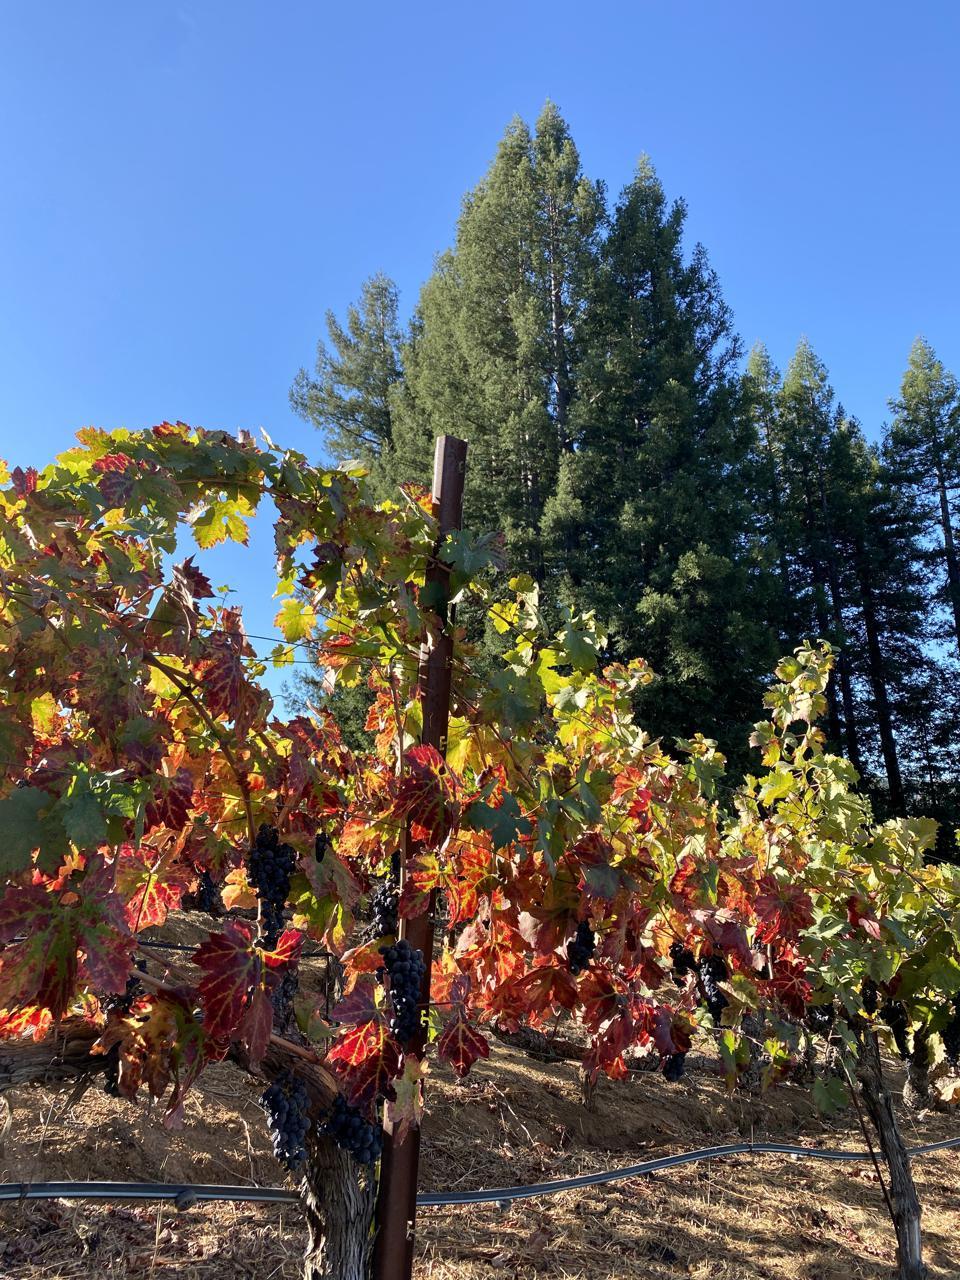 Redwoods in the vineyards.